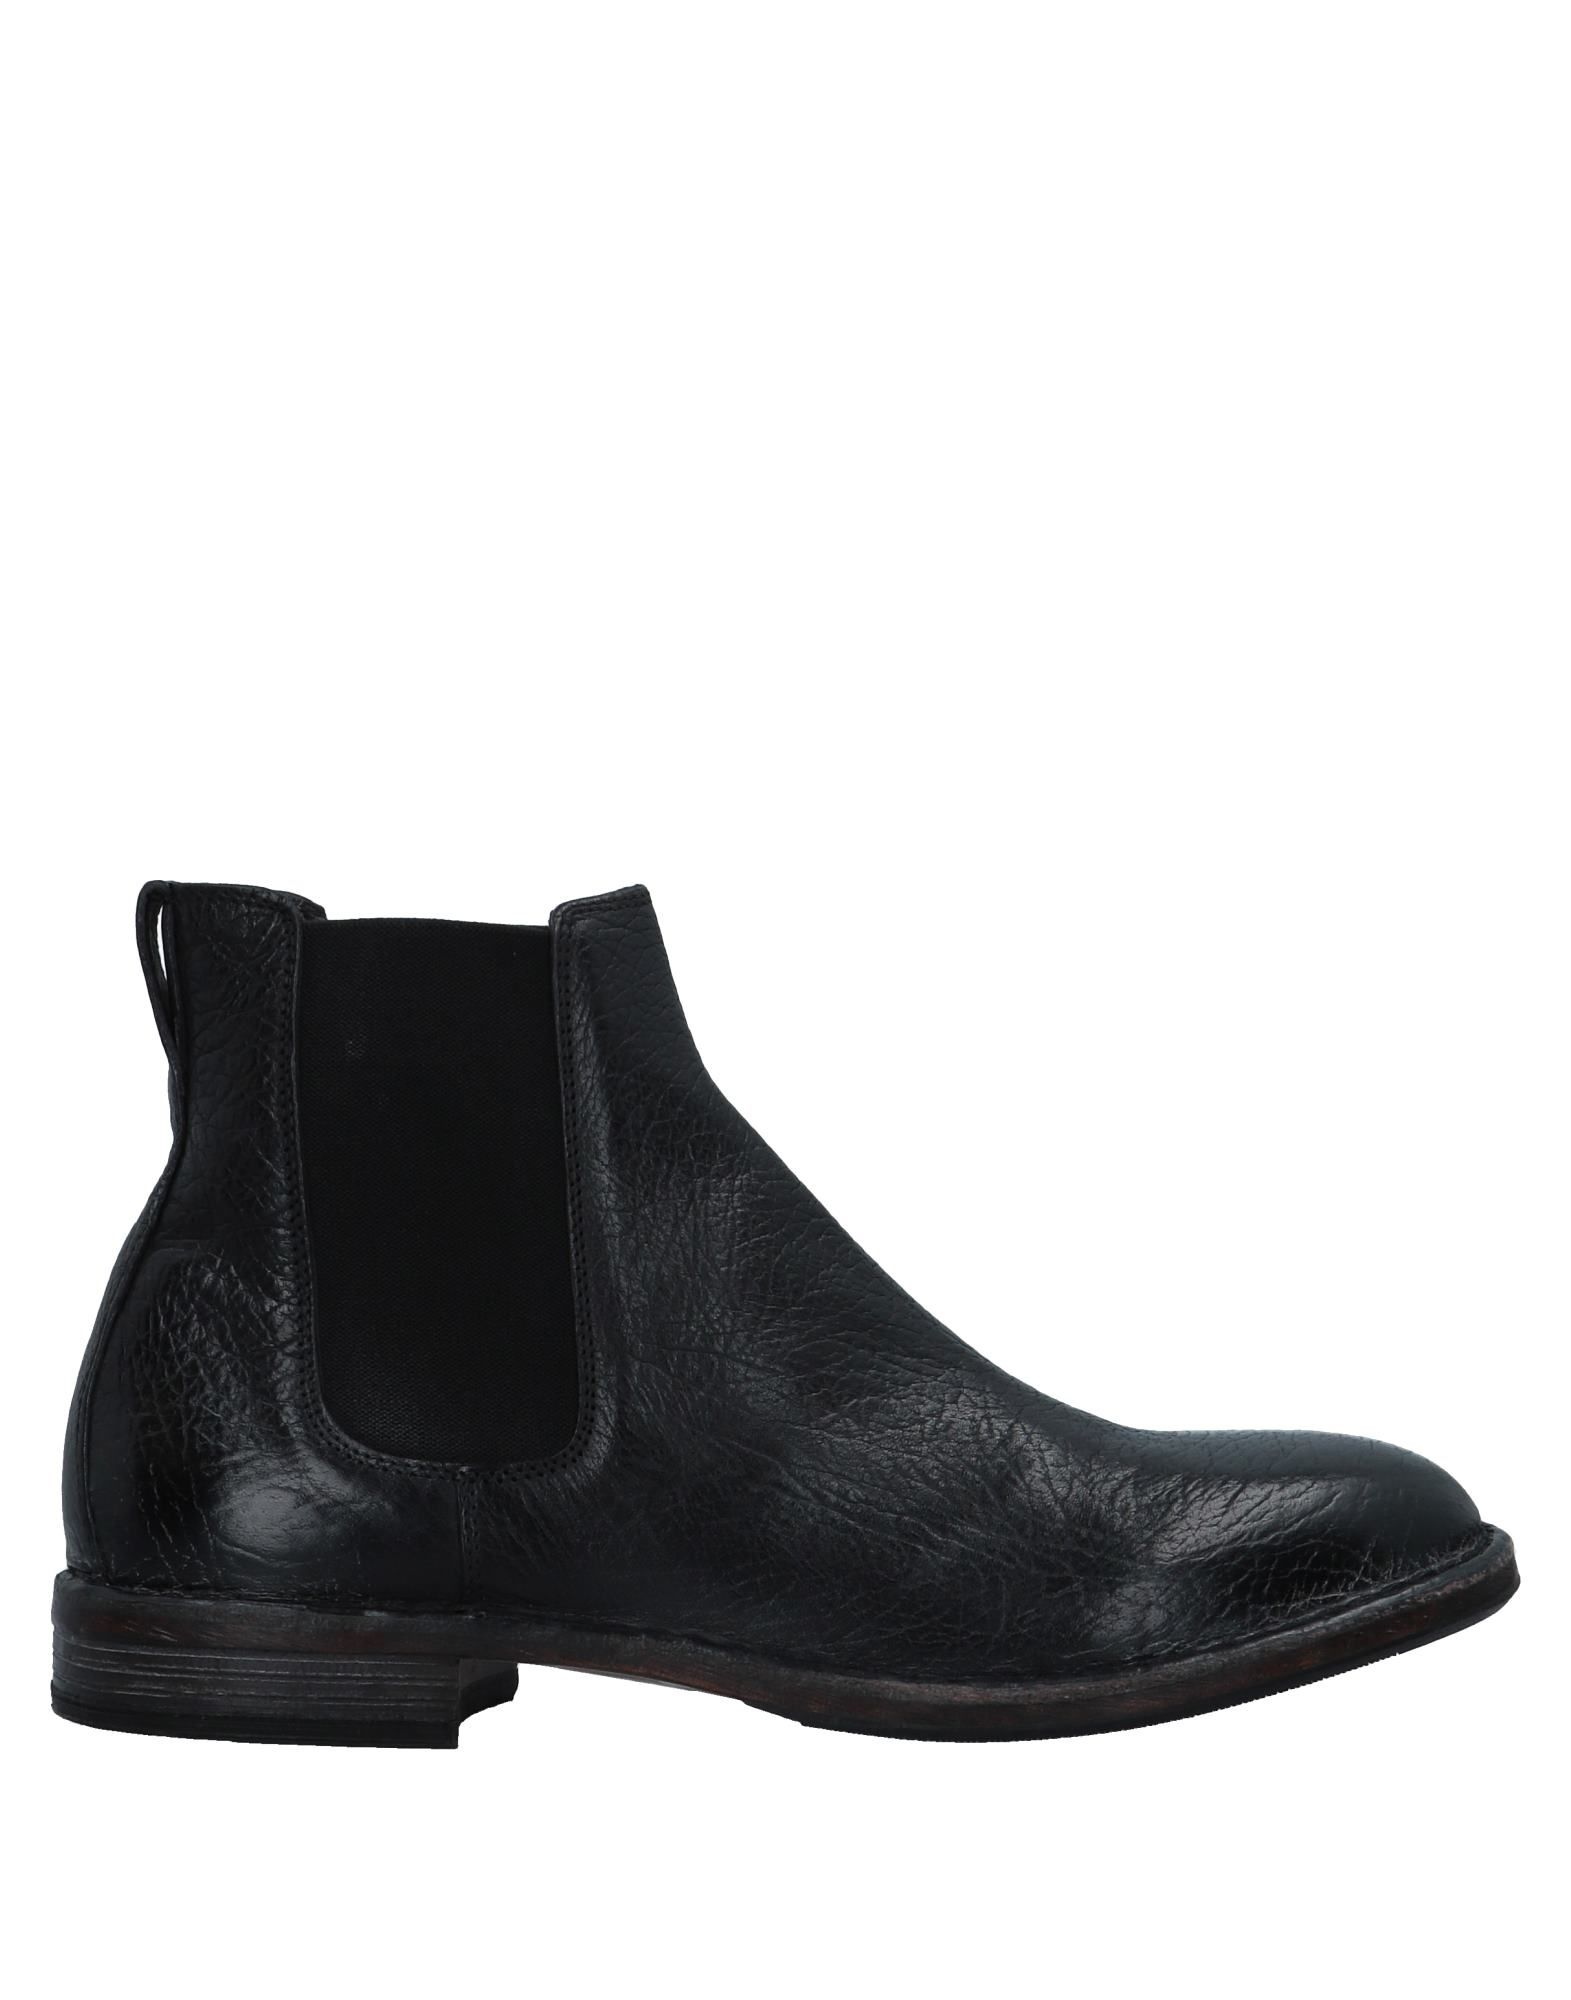 Moma Stiefelette Herren  11538133AF Gute Qualität beliebte Schuhe